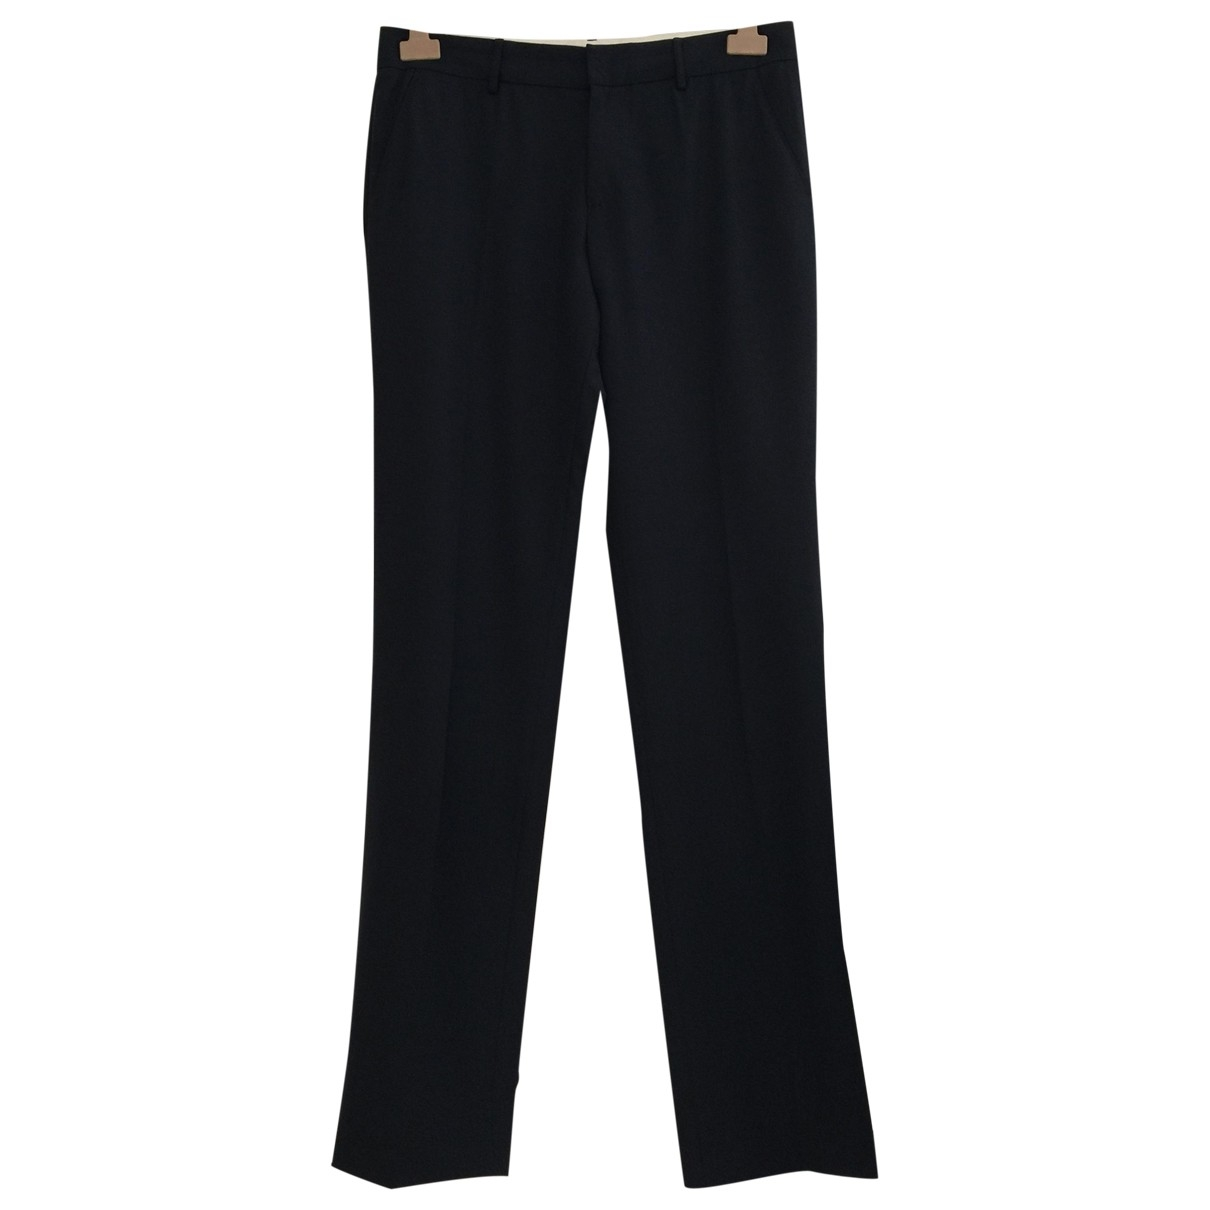 Pantalon recto de Lana Blumarine